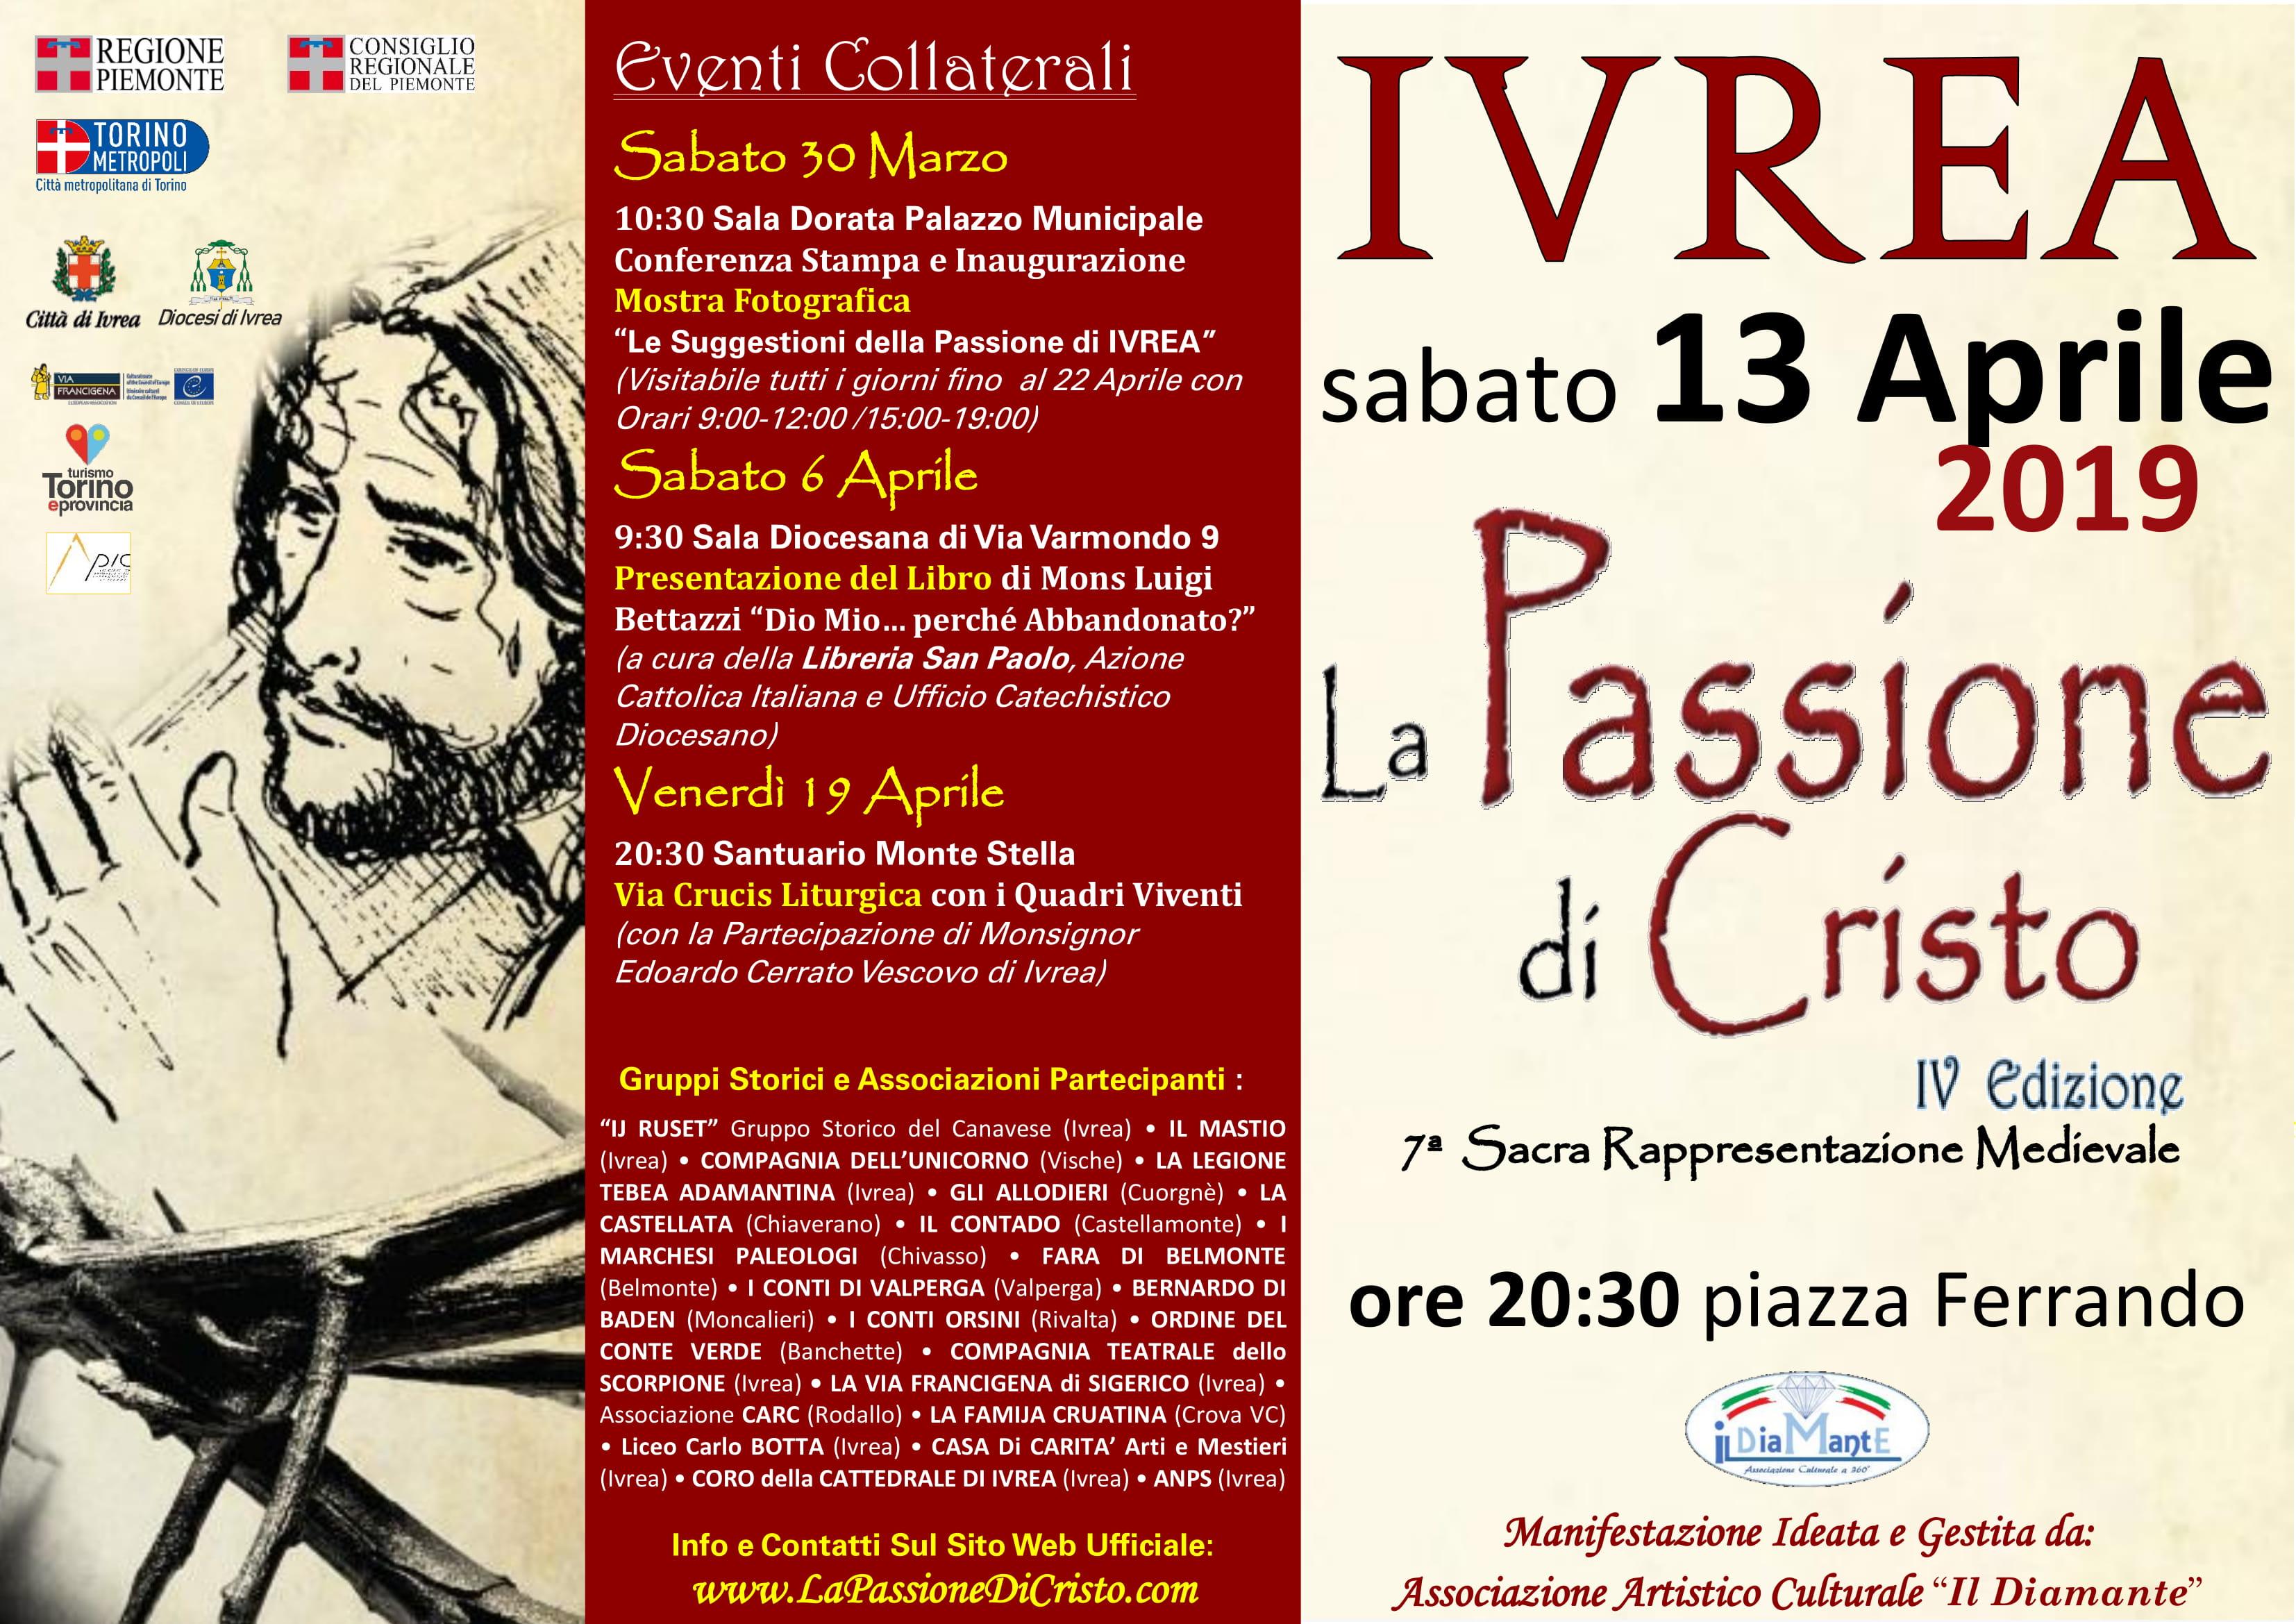 La Passione di Cristo - IV edizione